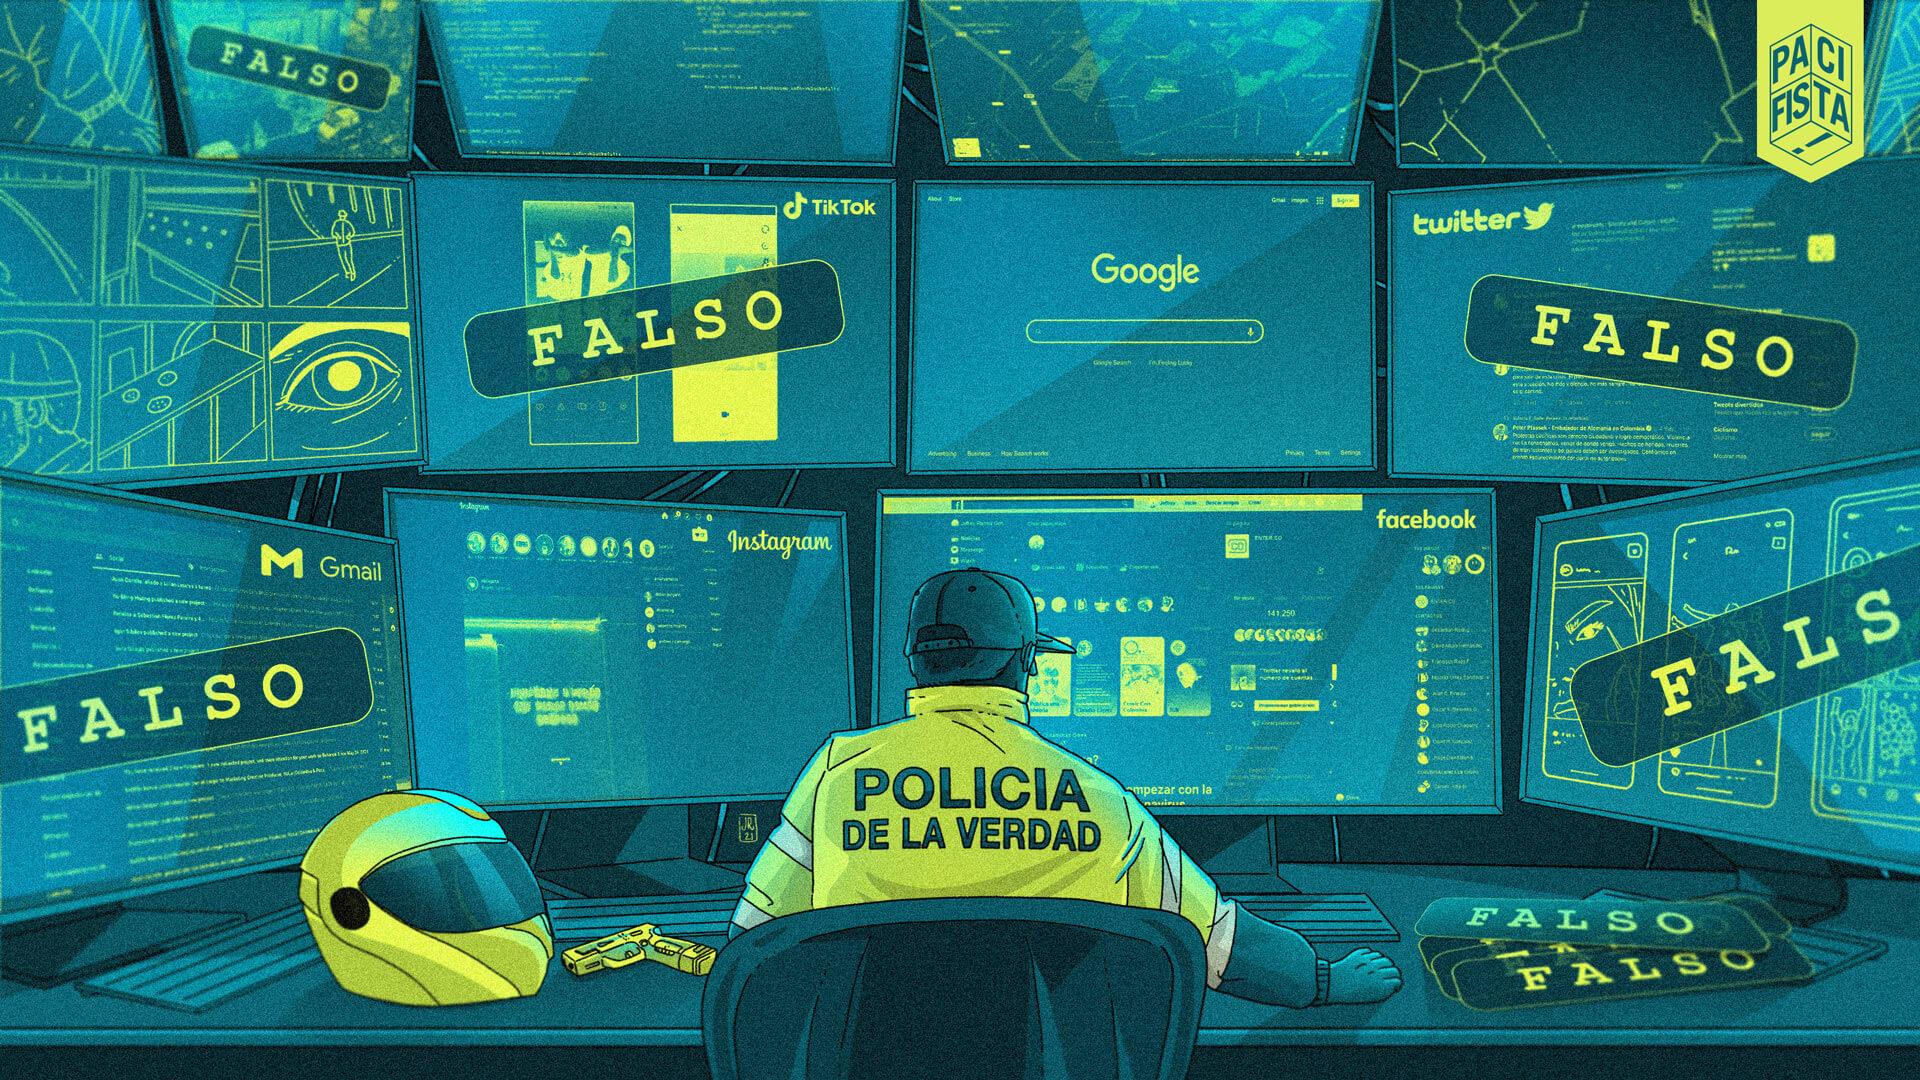 El Ciberpatrullaje o la Policía de la Verdad